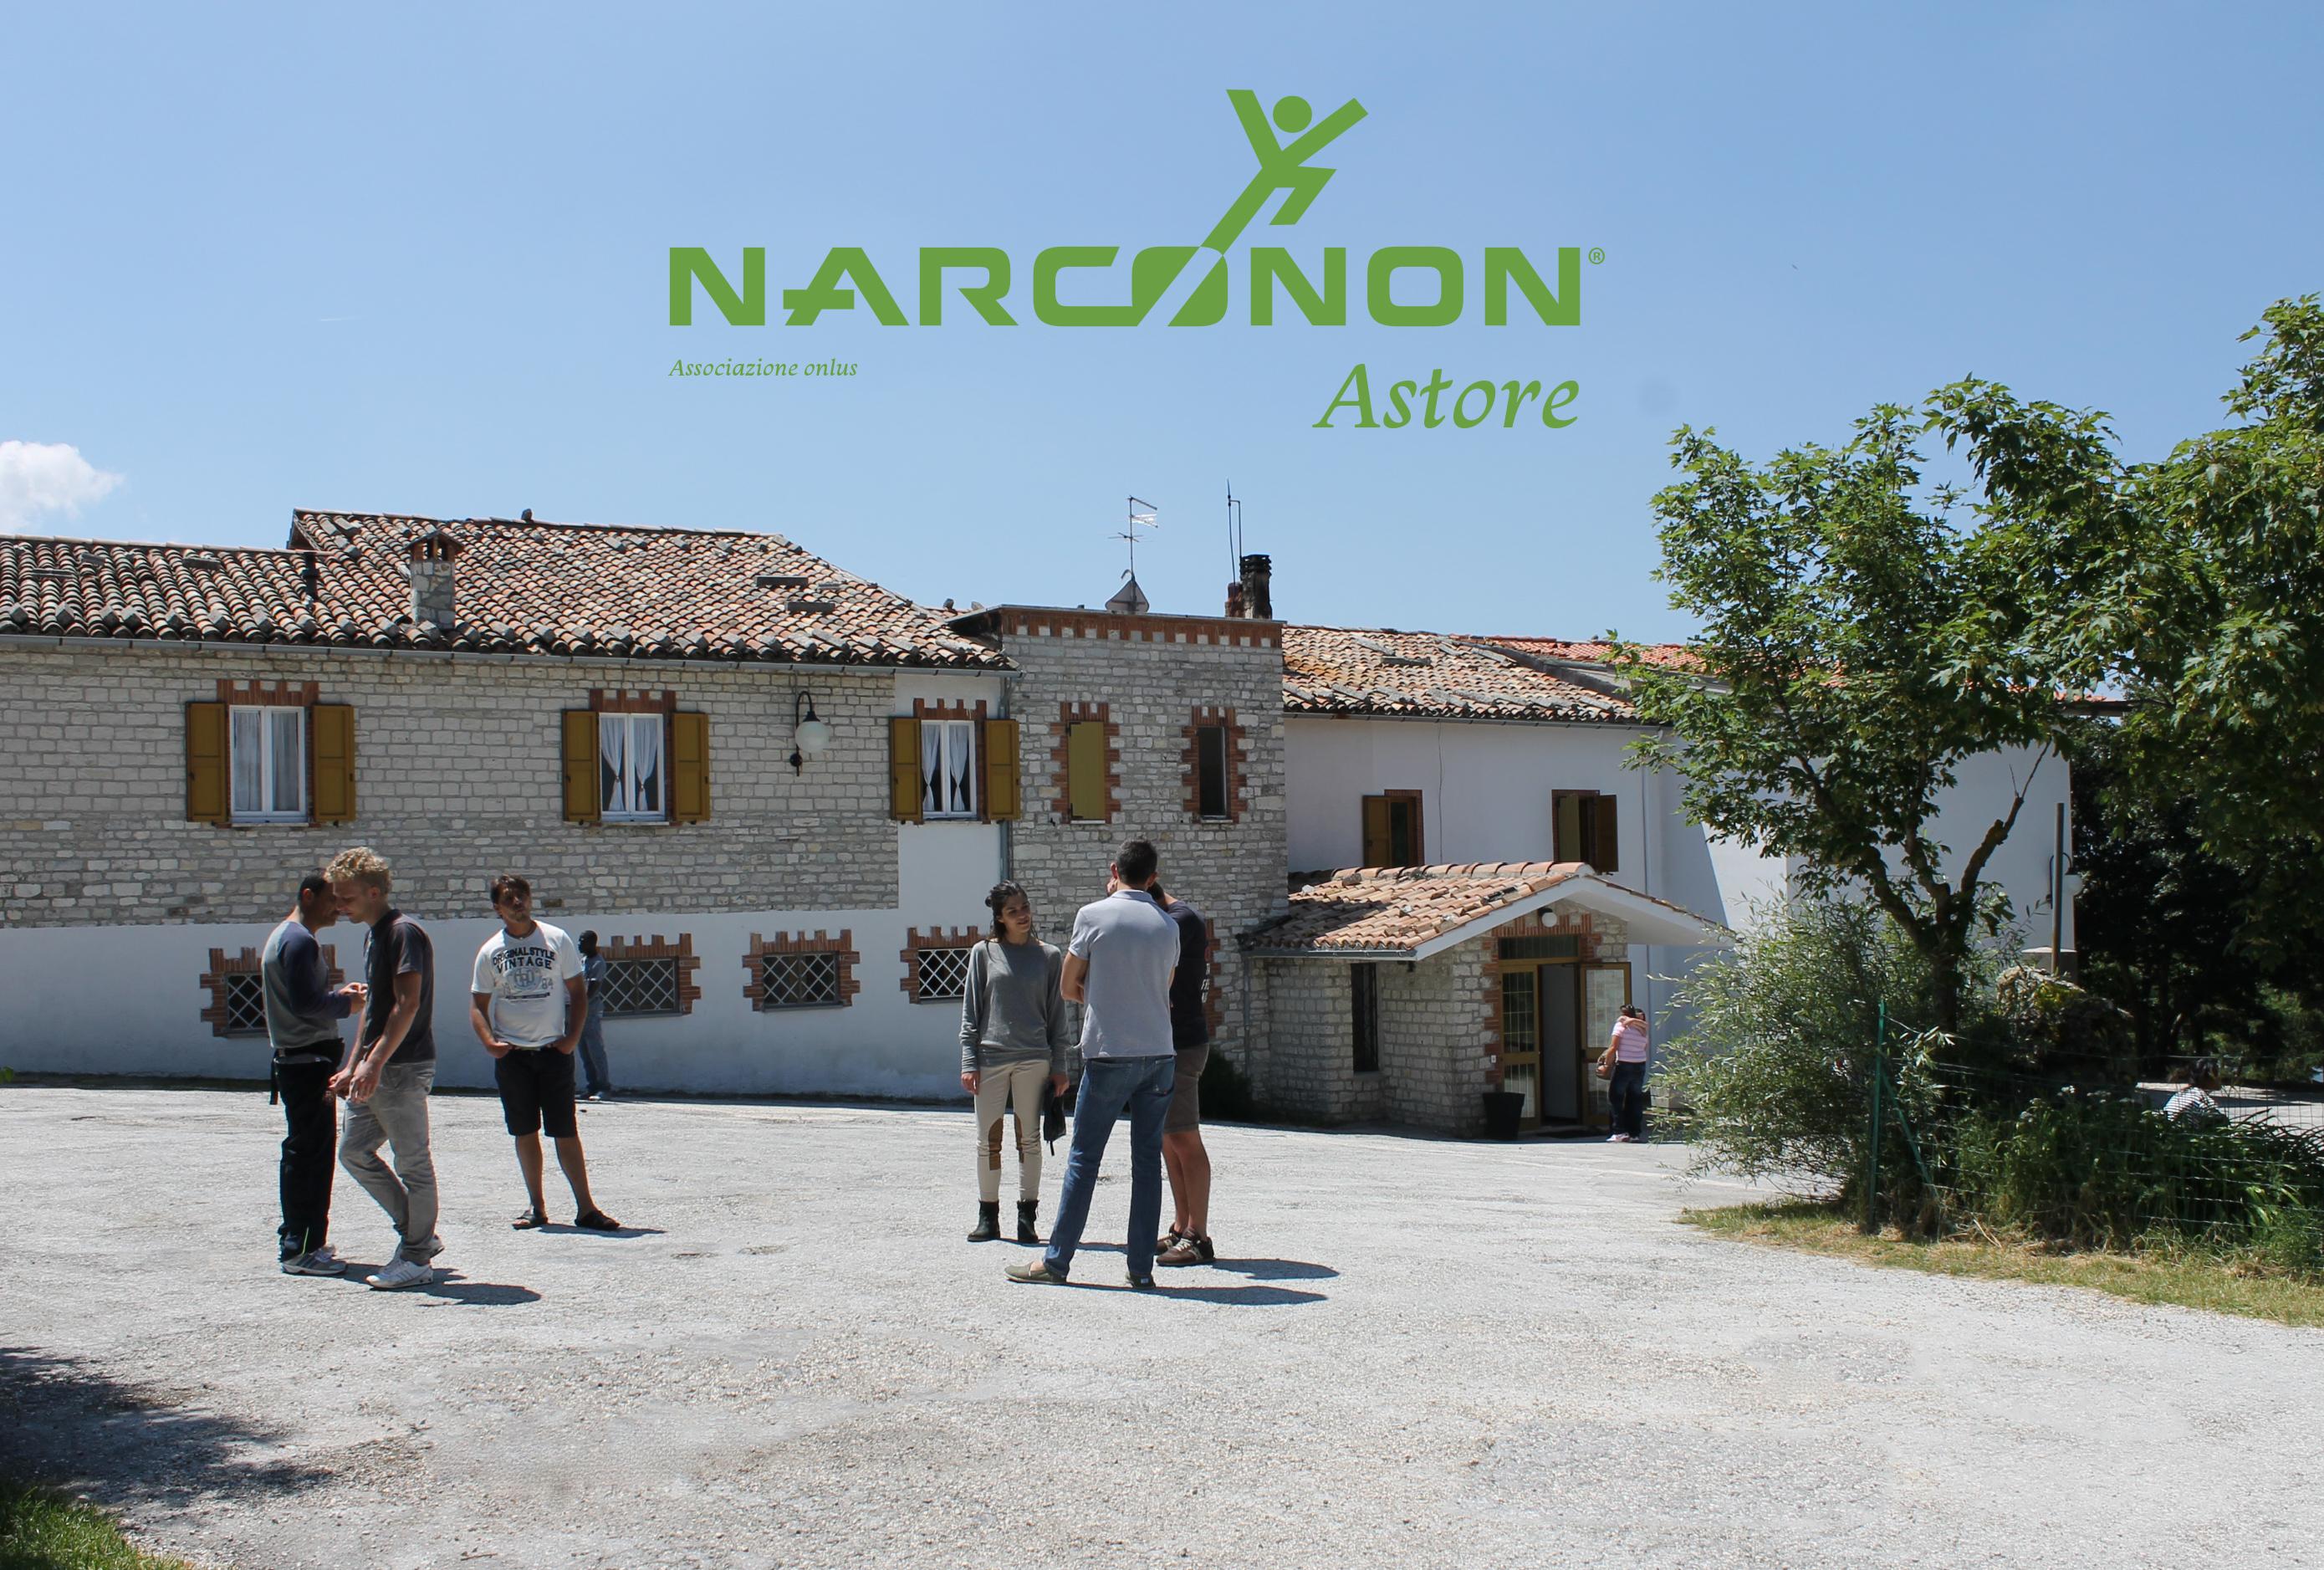 Centro Narconon Astore Foto